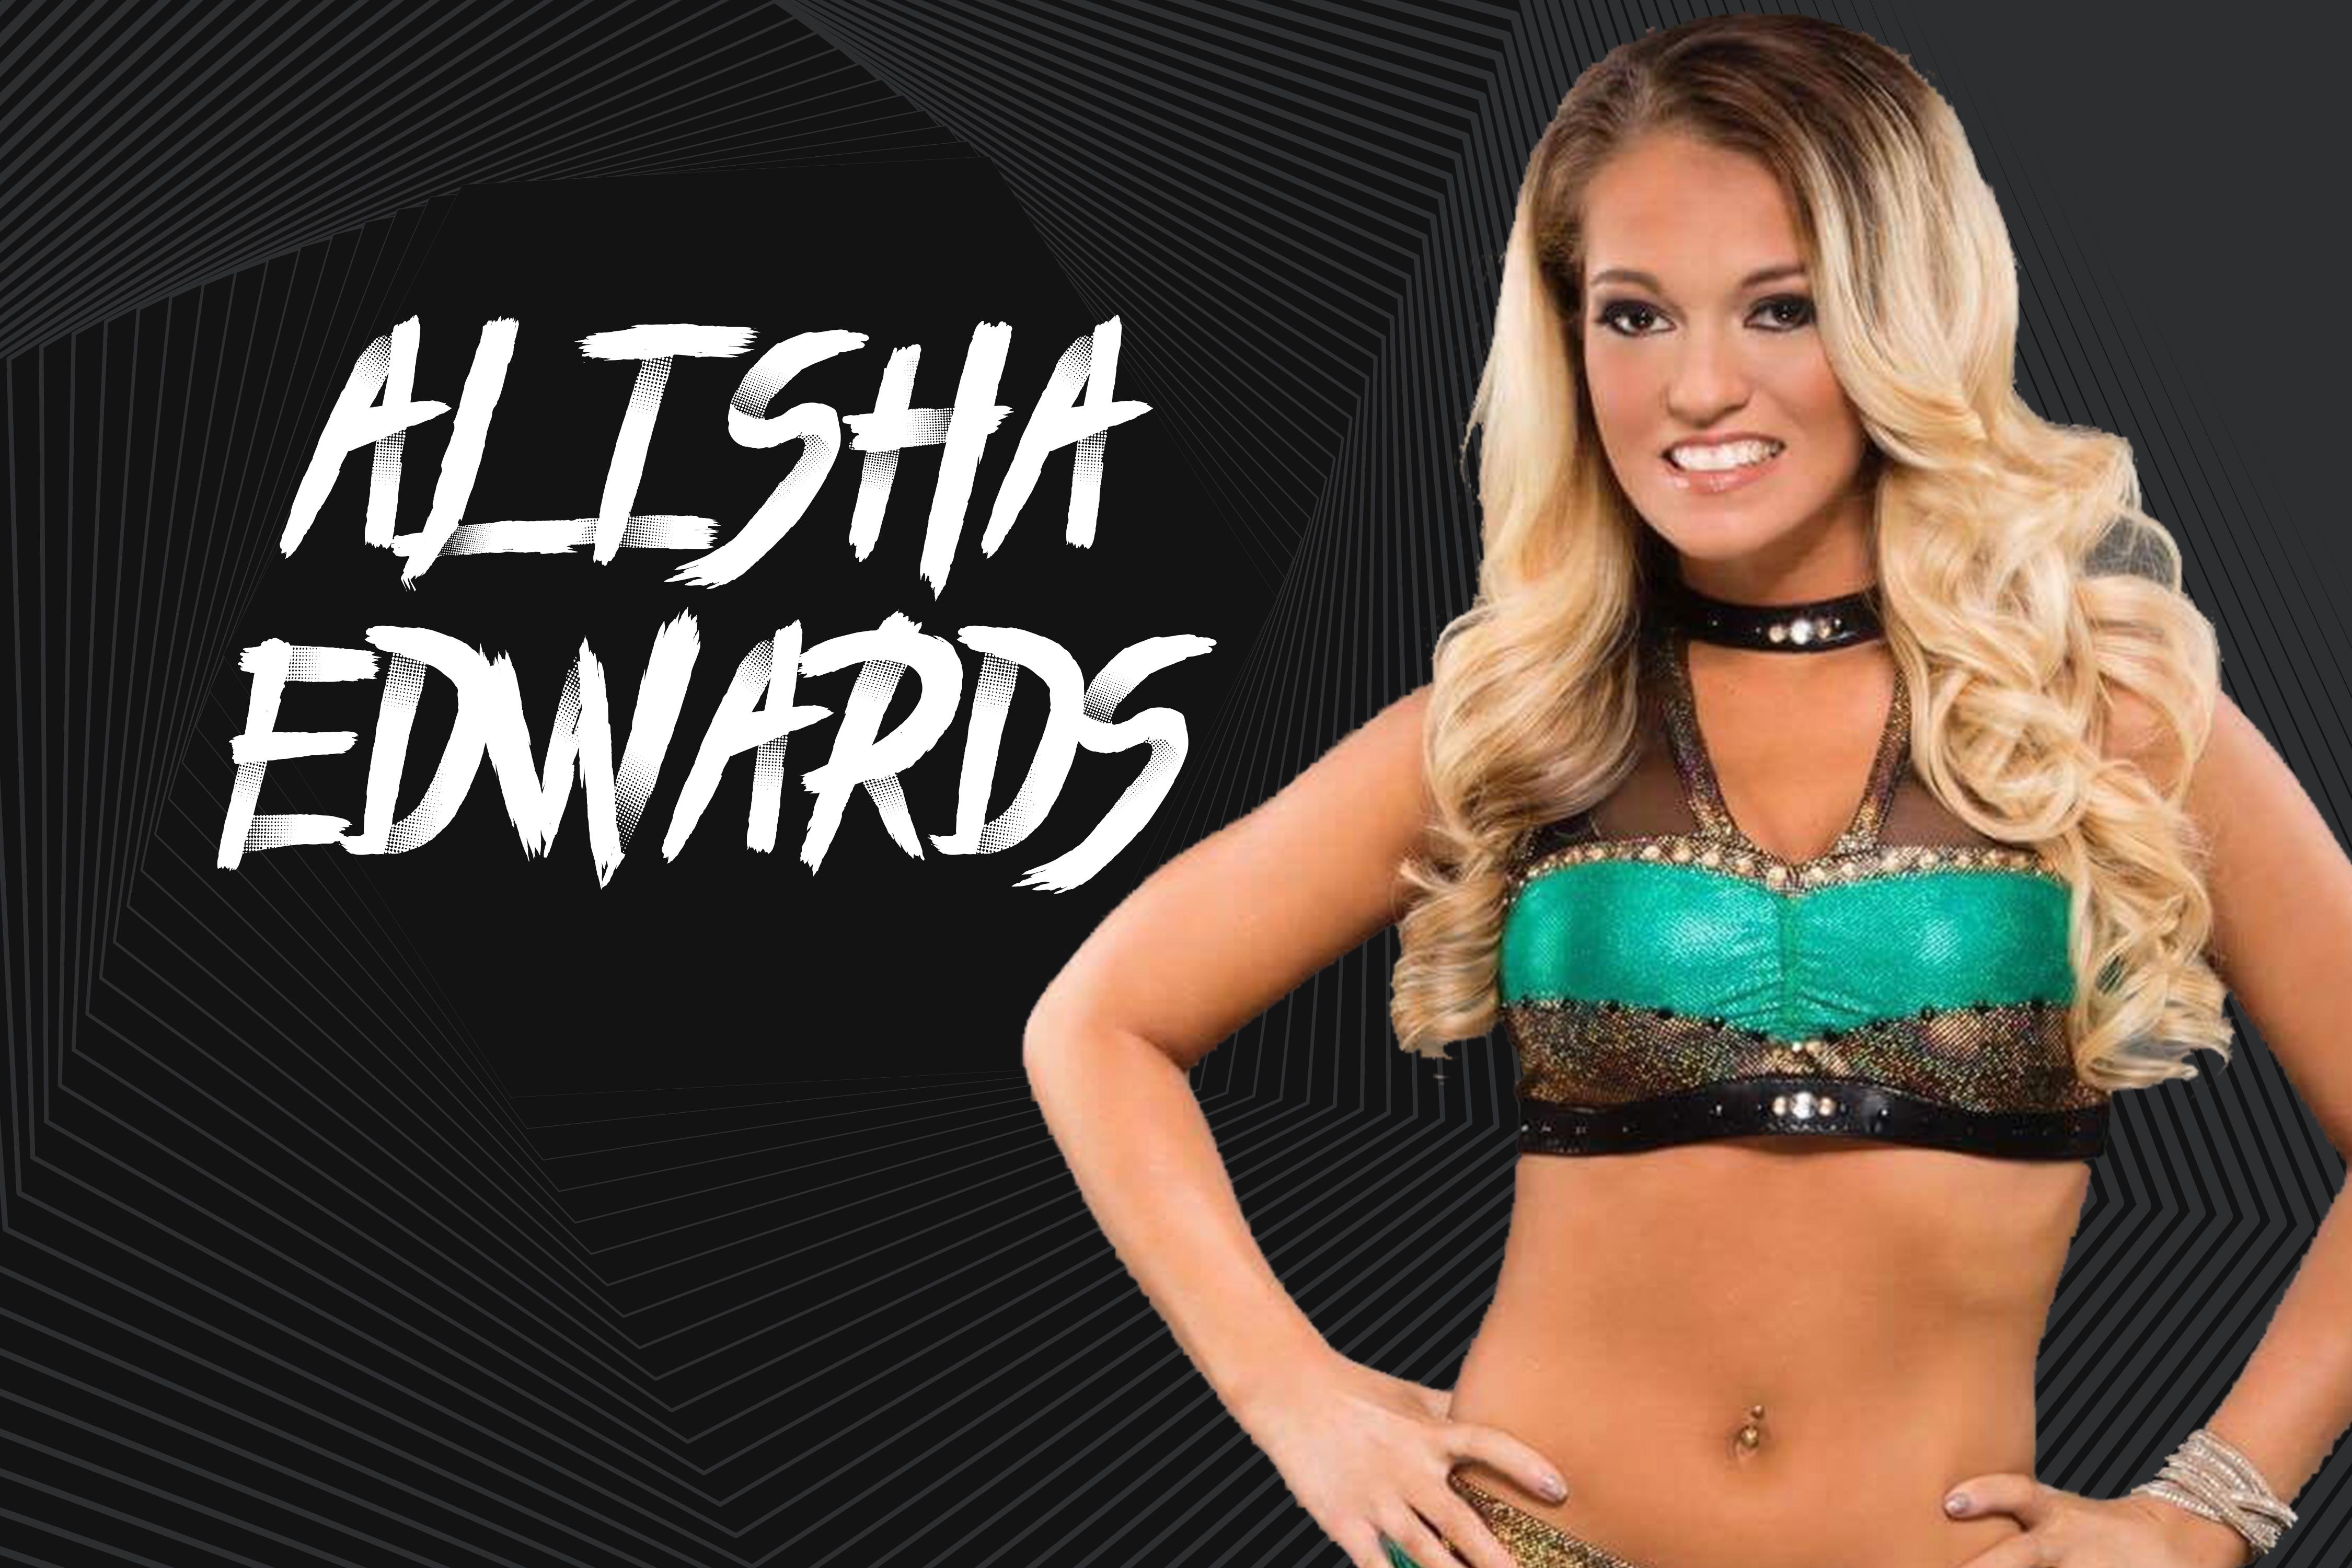 Alisha Edwards